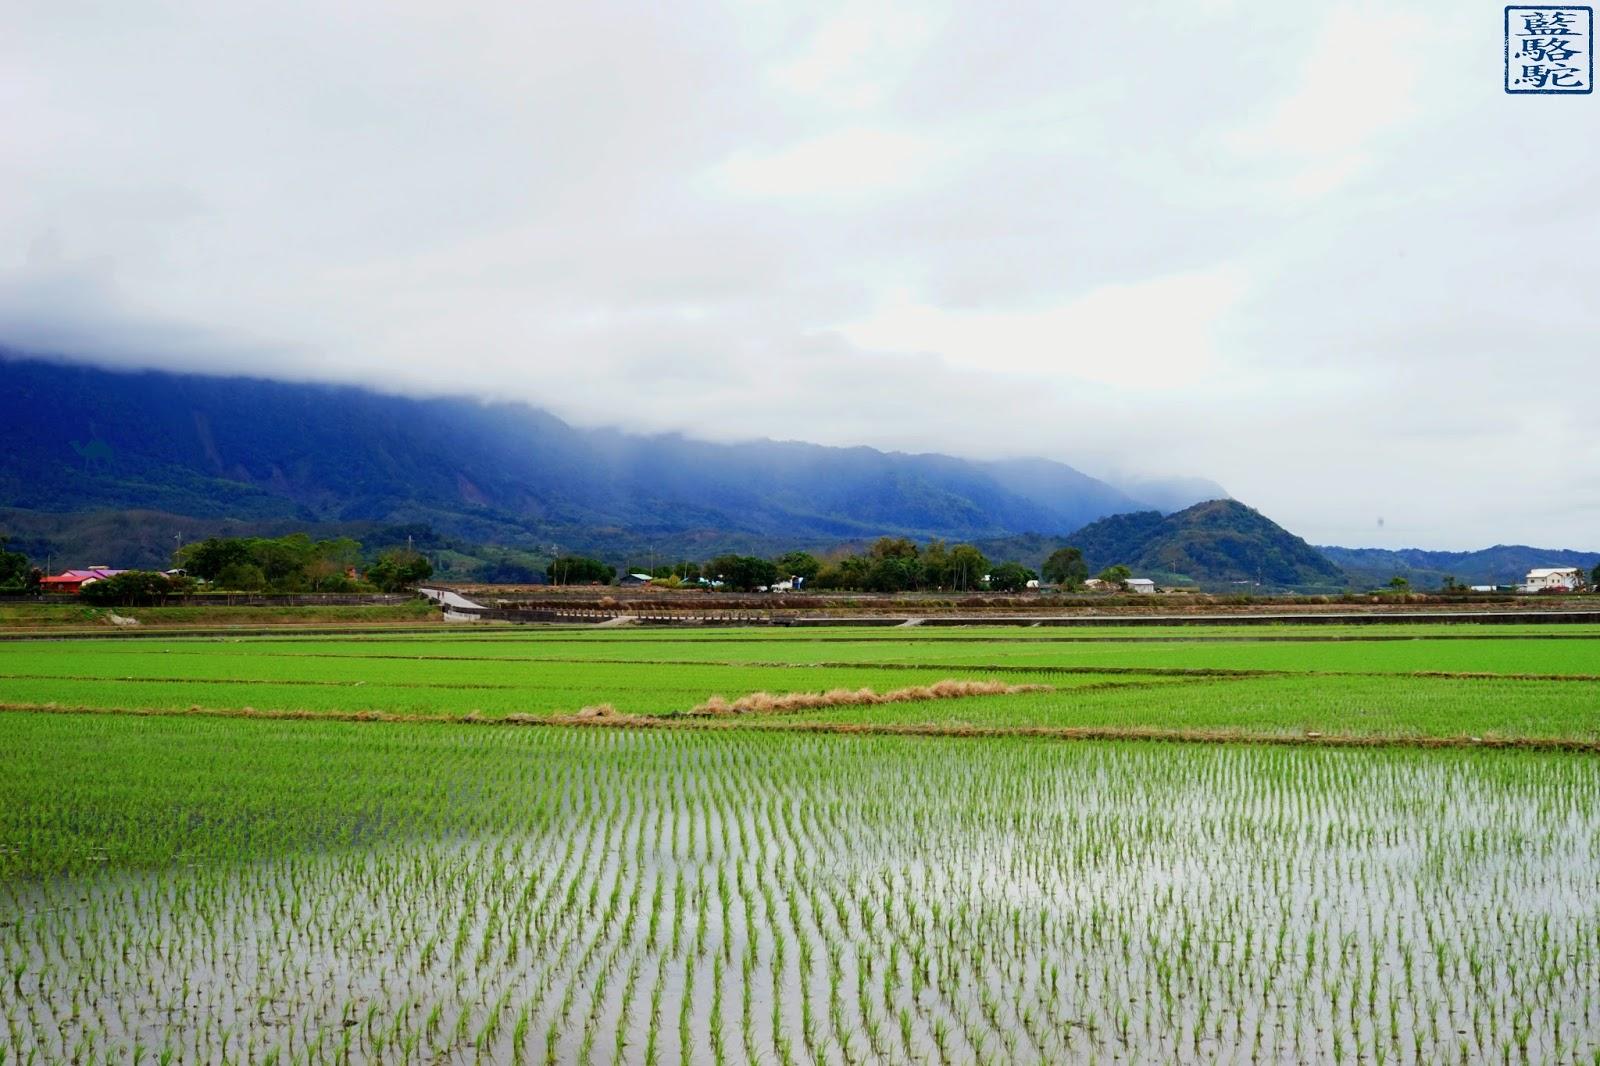 Le Chameau Bleu - Riziere dans la brume -Vacances à Taiwan - Chihshang